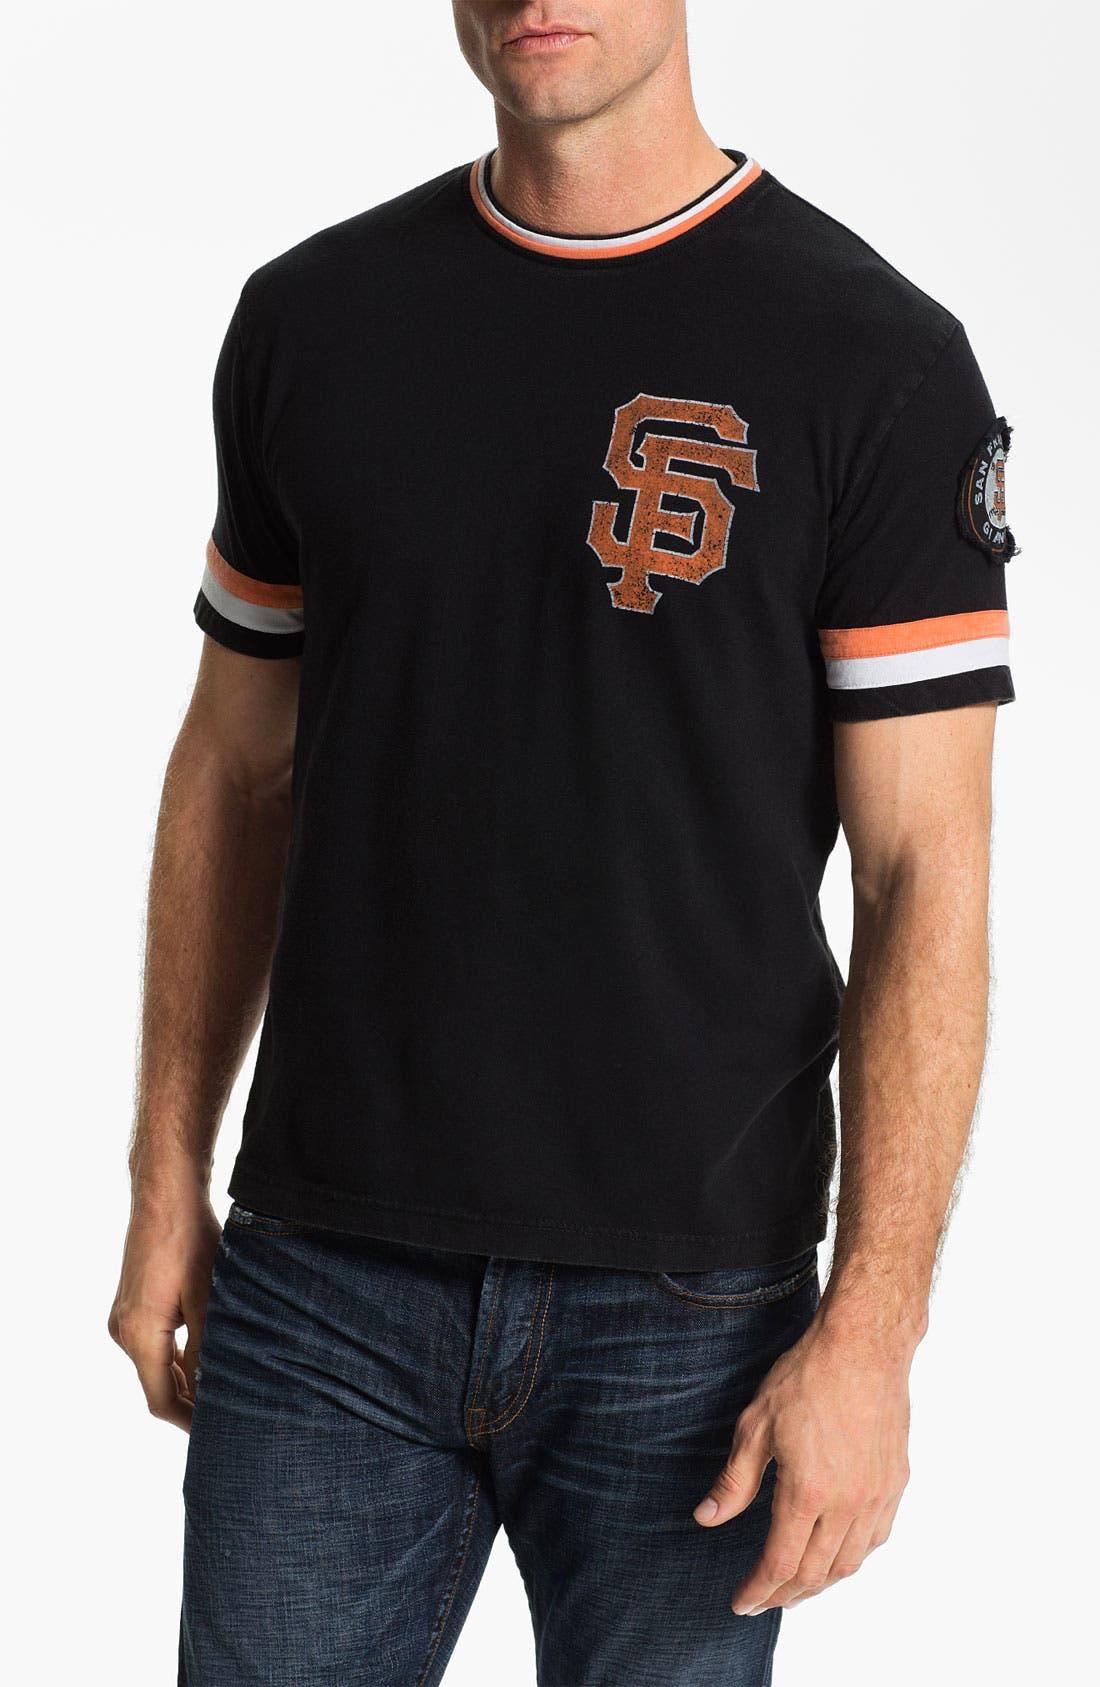 Alternate Image 1 Selected - Red Jacket 'San Francisco Giants' Trim Fit Ringer T-Shirt (Men)